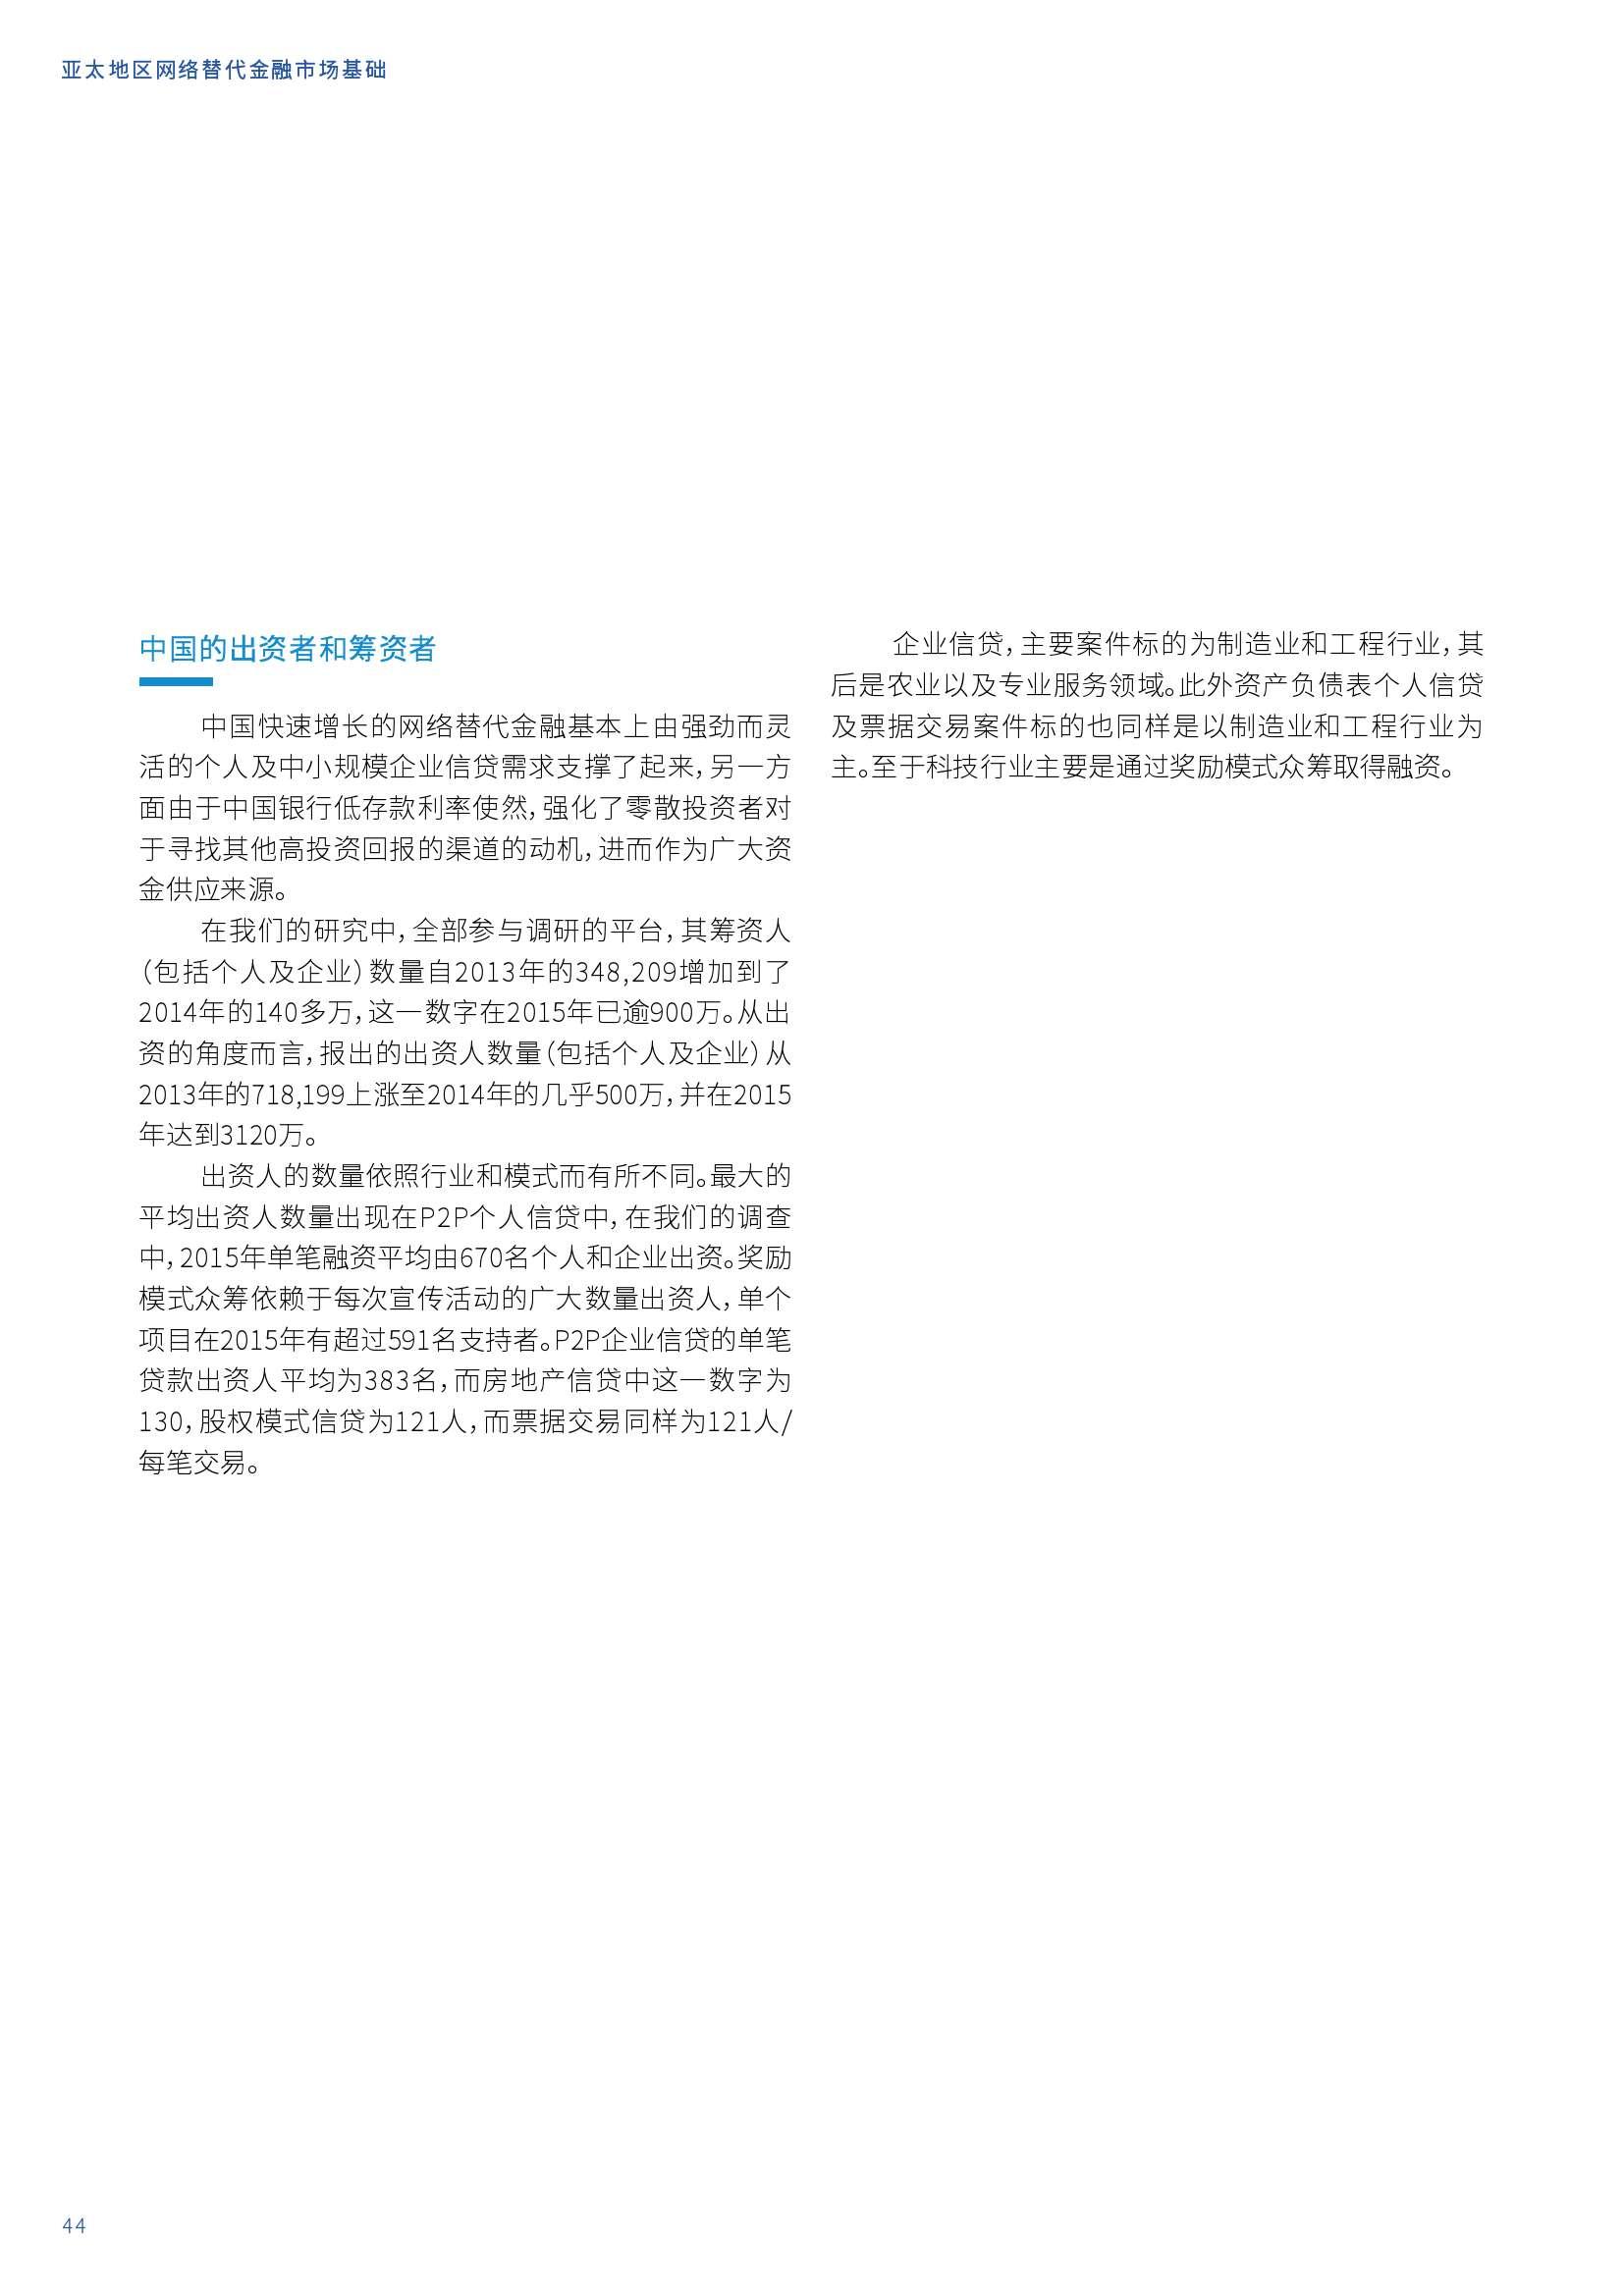 亚太地区网络替代金融基准报告_000044